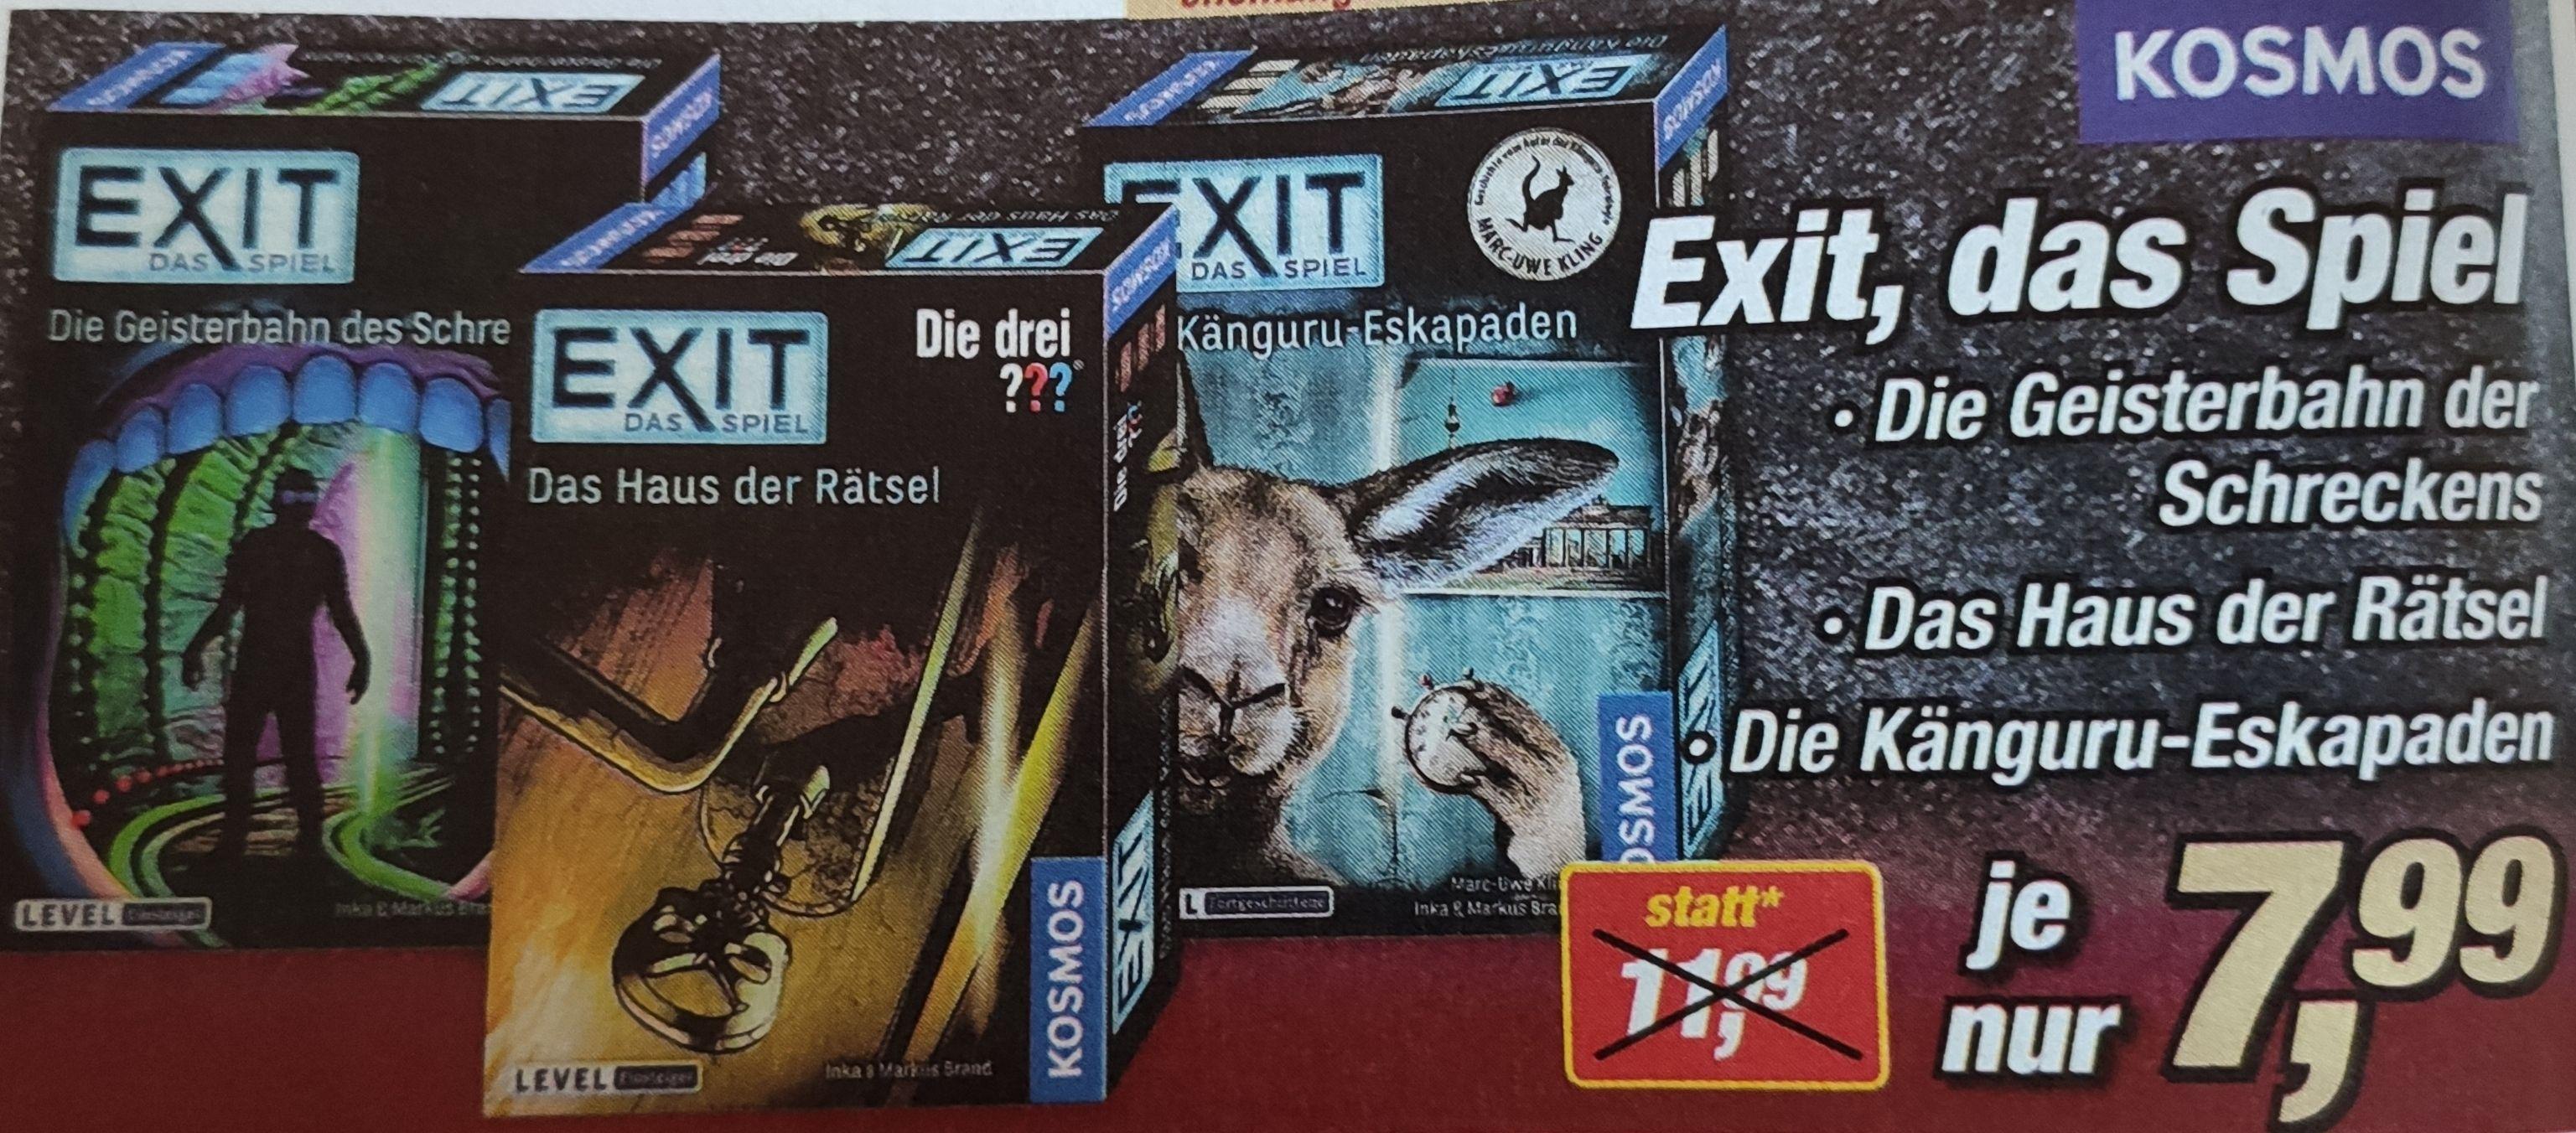 [Lokal Niedersachsen] Exit Spiele von Kosmos